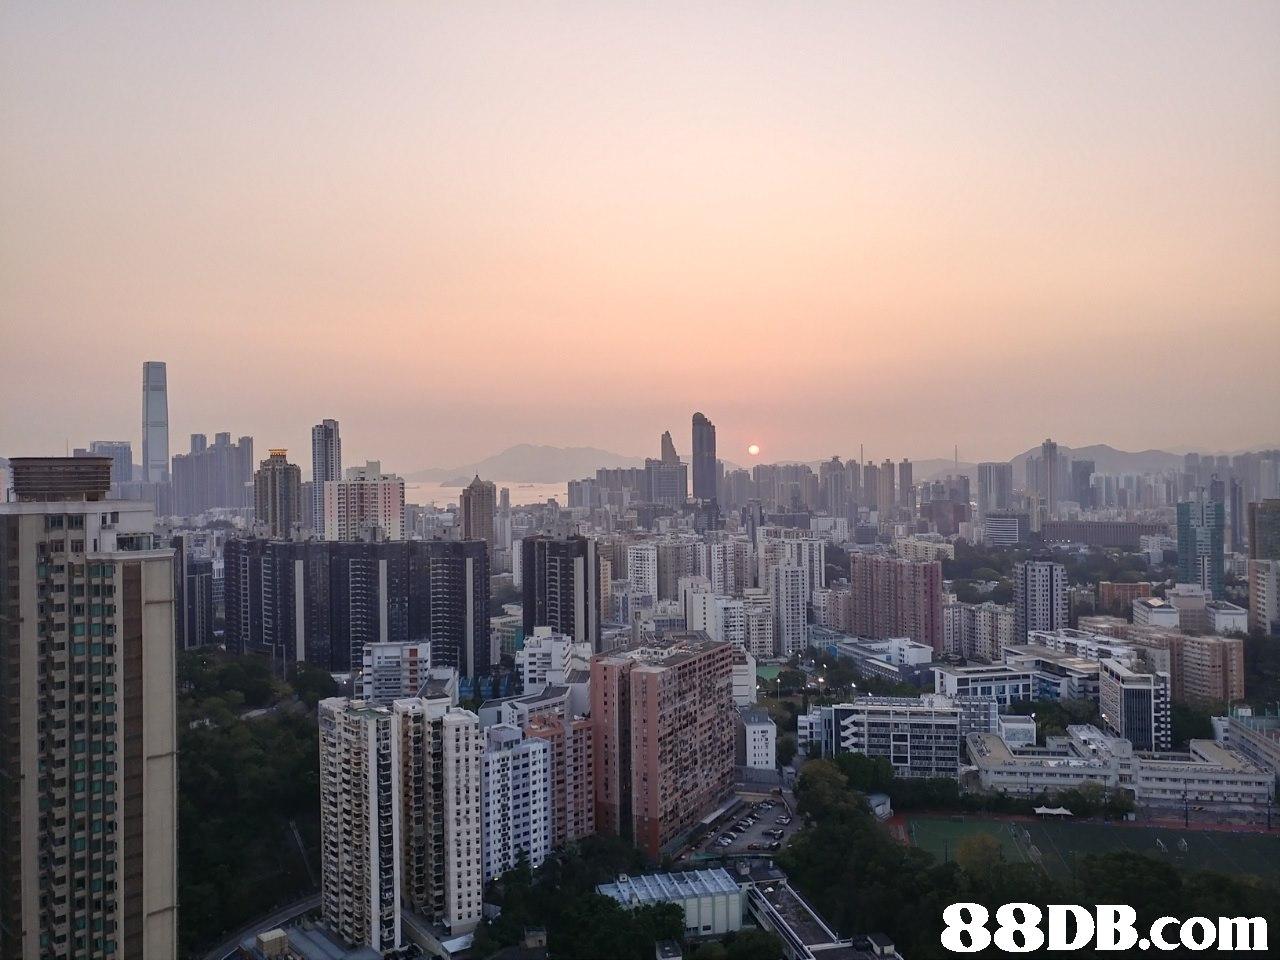 metropolitan area,city,urban area,cityscape,skyline